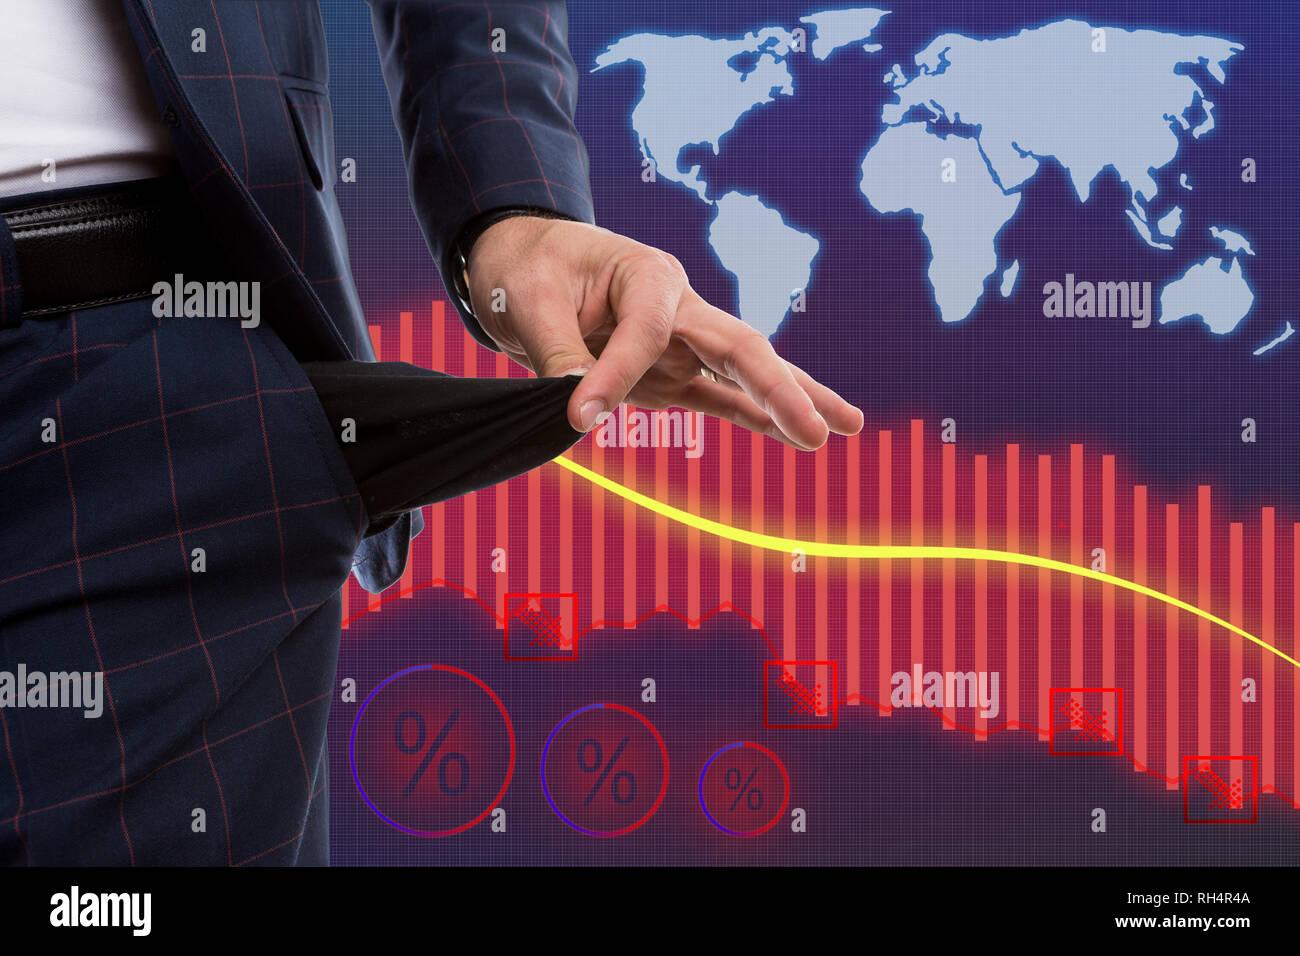 Konkurs Broker an der Börse präsentiert leere Hosen oder Hosen Tasche als Wirtschaftskrise Konzept mit der Grafik im Hintergrund Stockbild